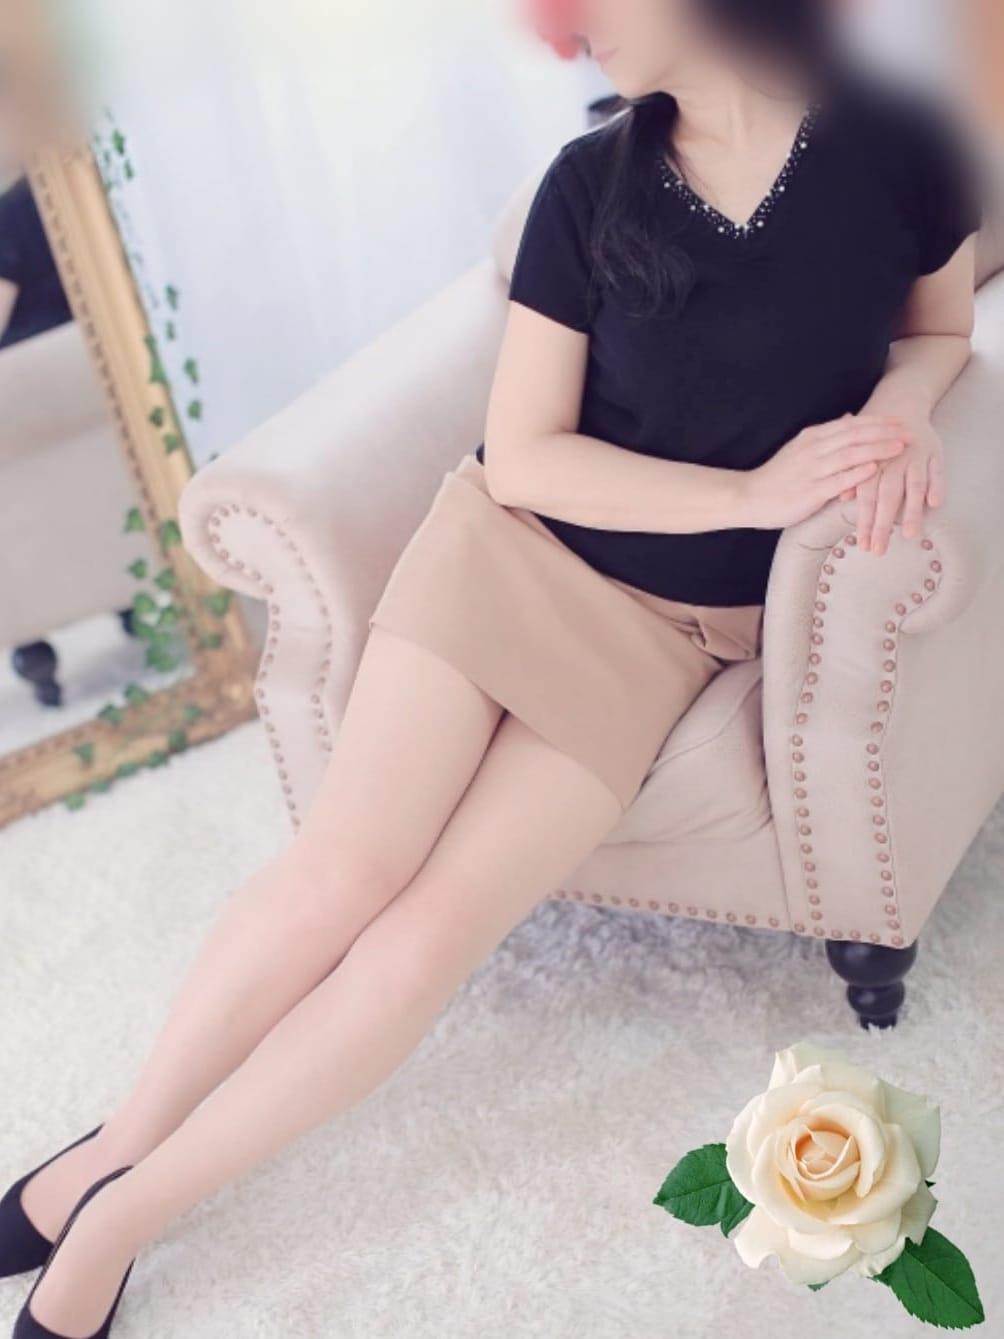 恋(れん)   Celebrity salon 華美(はなび)